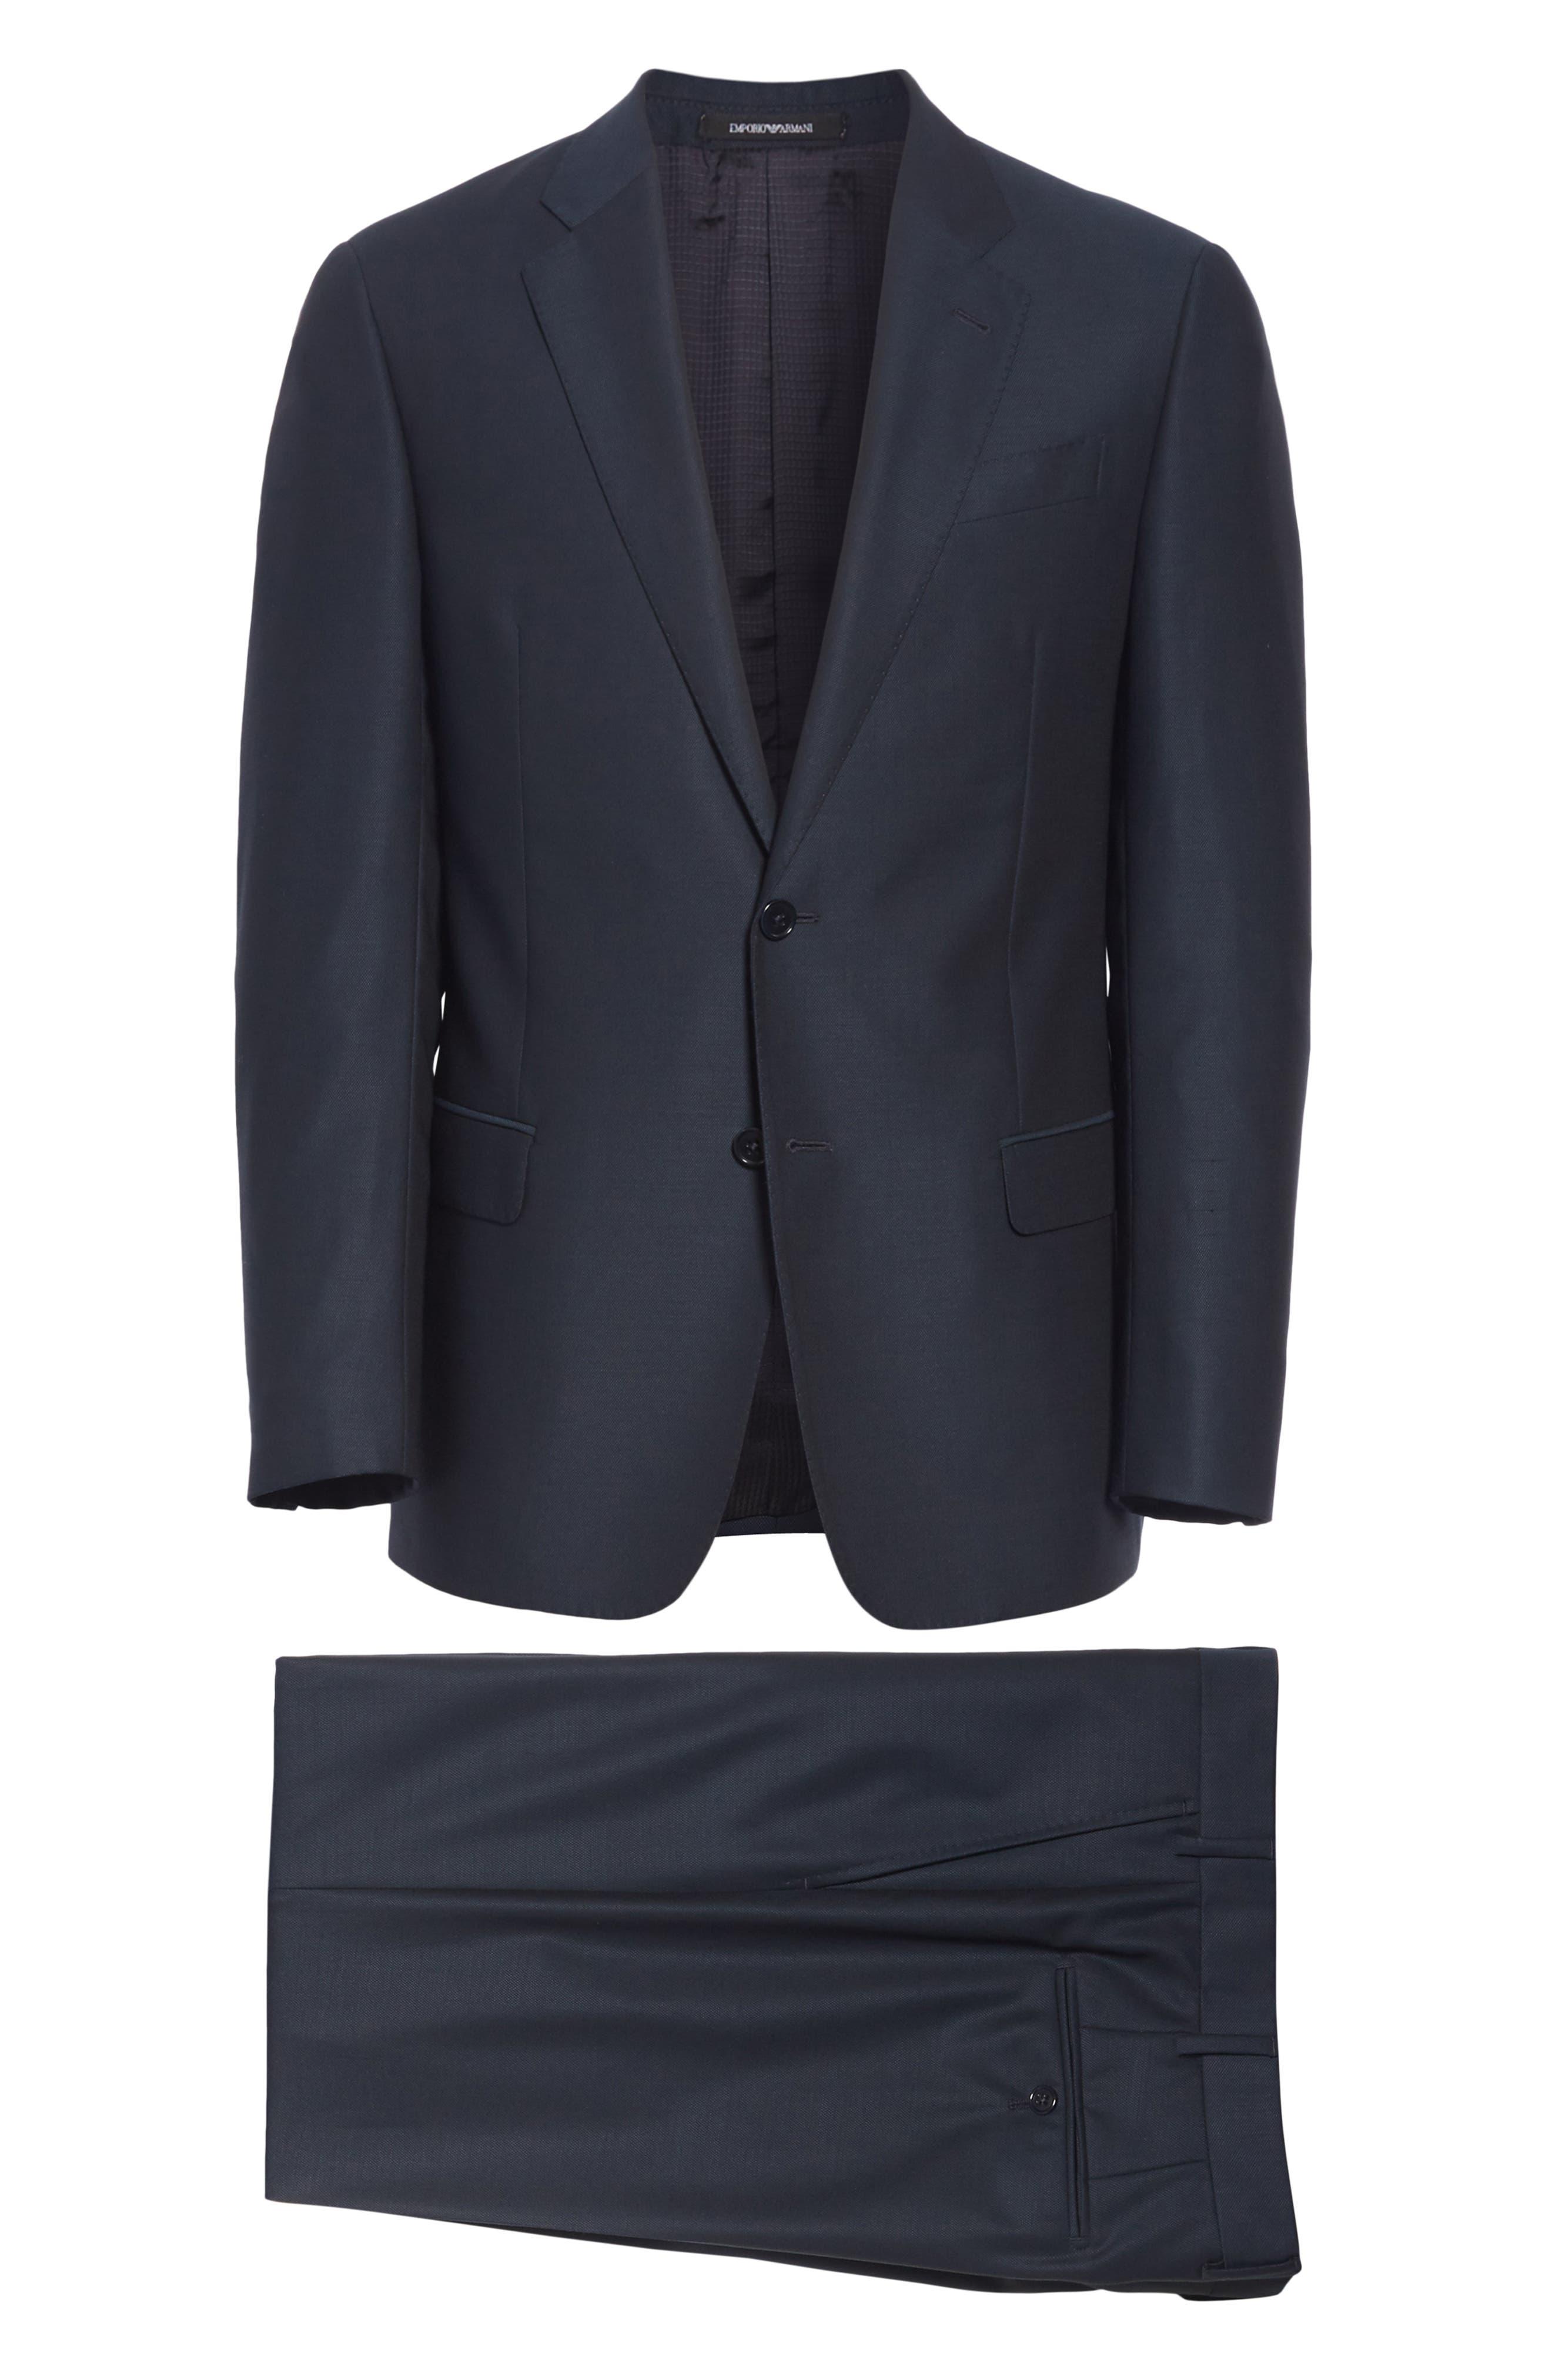 G-Line Trim Fit Solid Wool Suit,                             Alternate thumbnail 8, color,                             BLUE